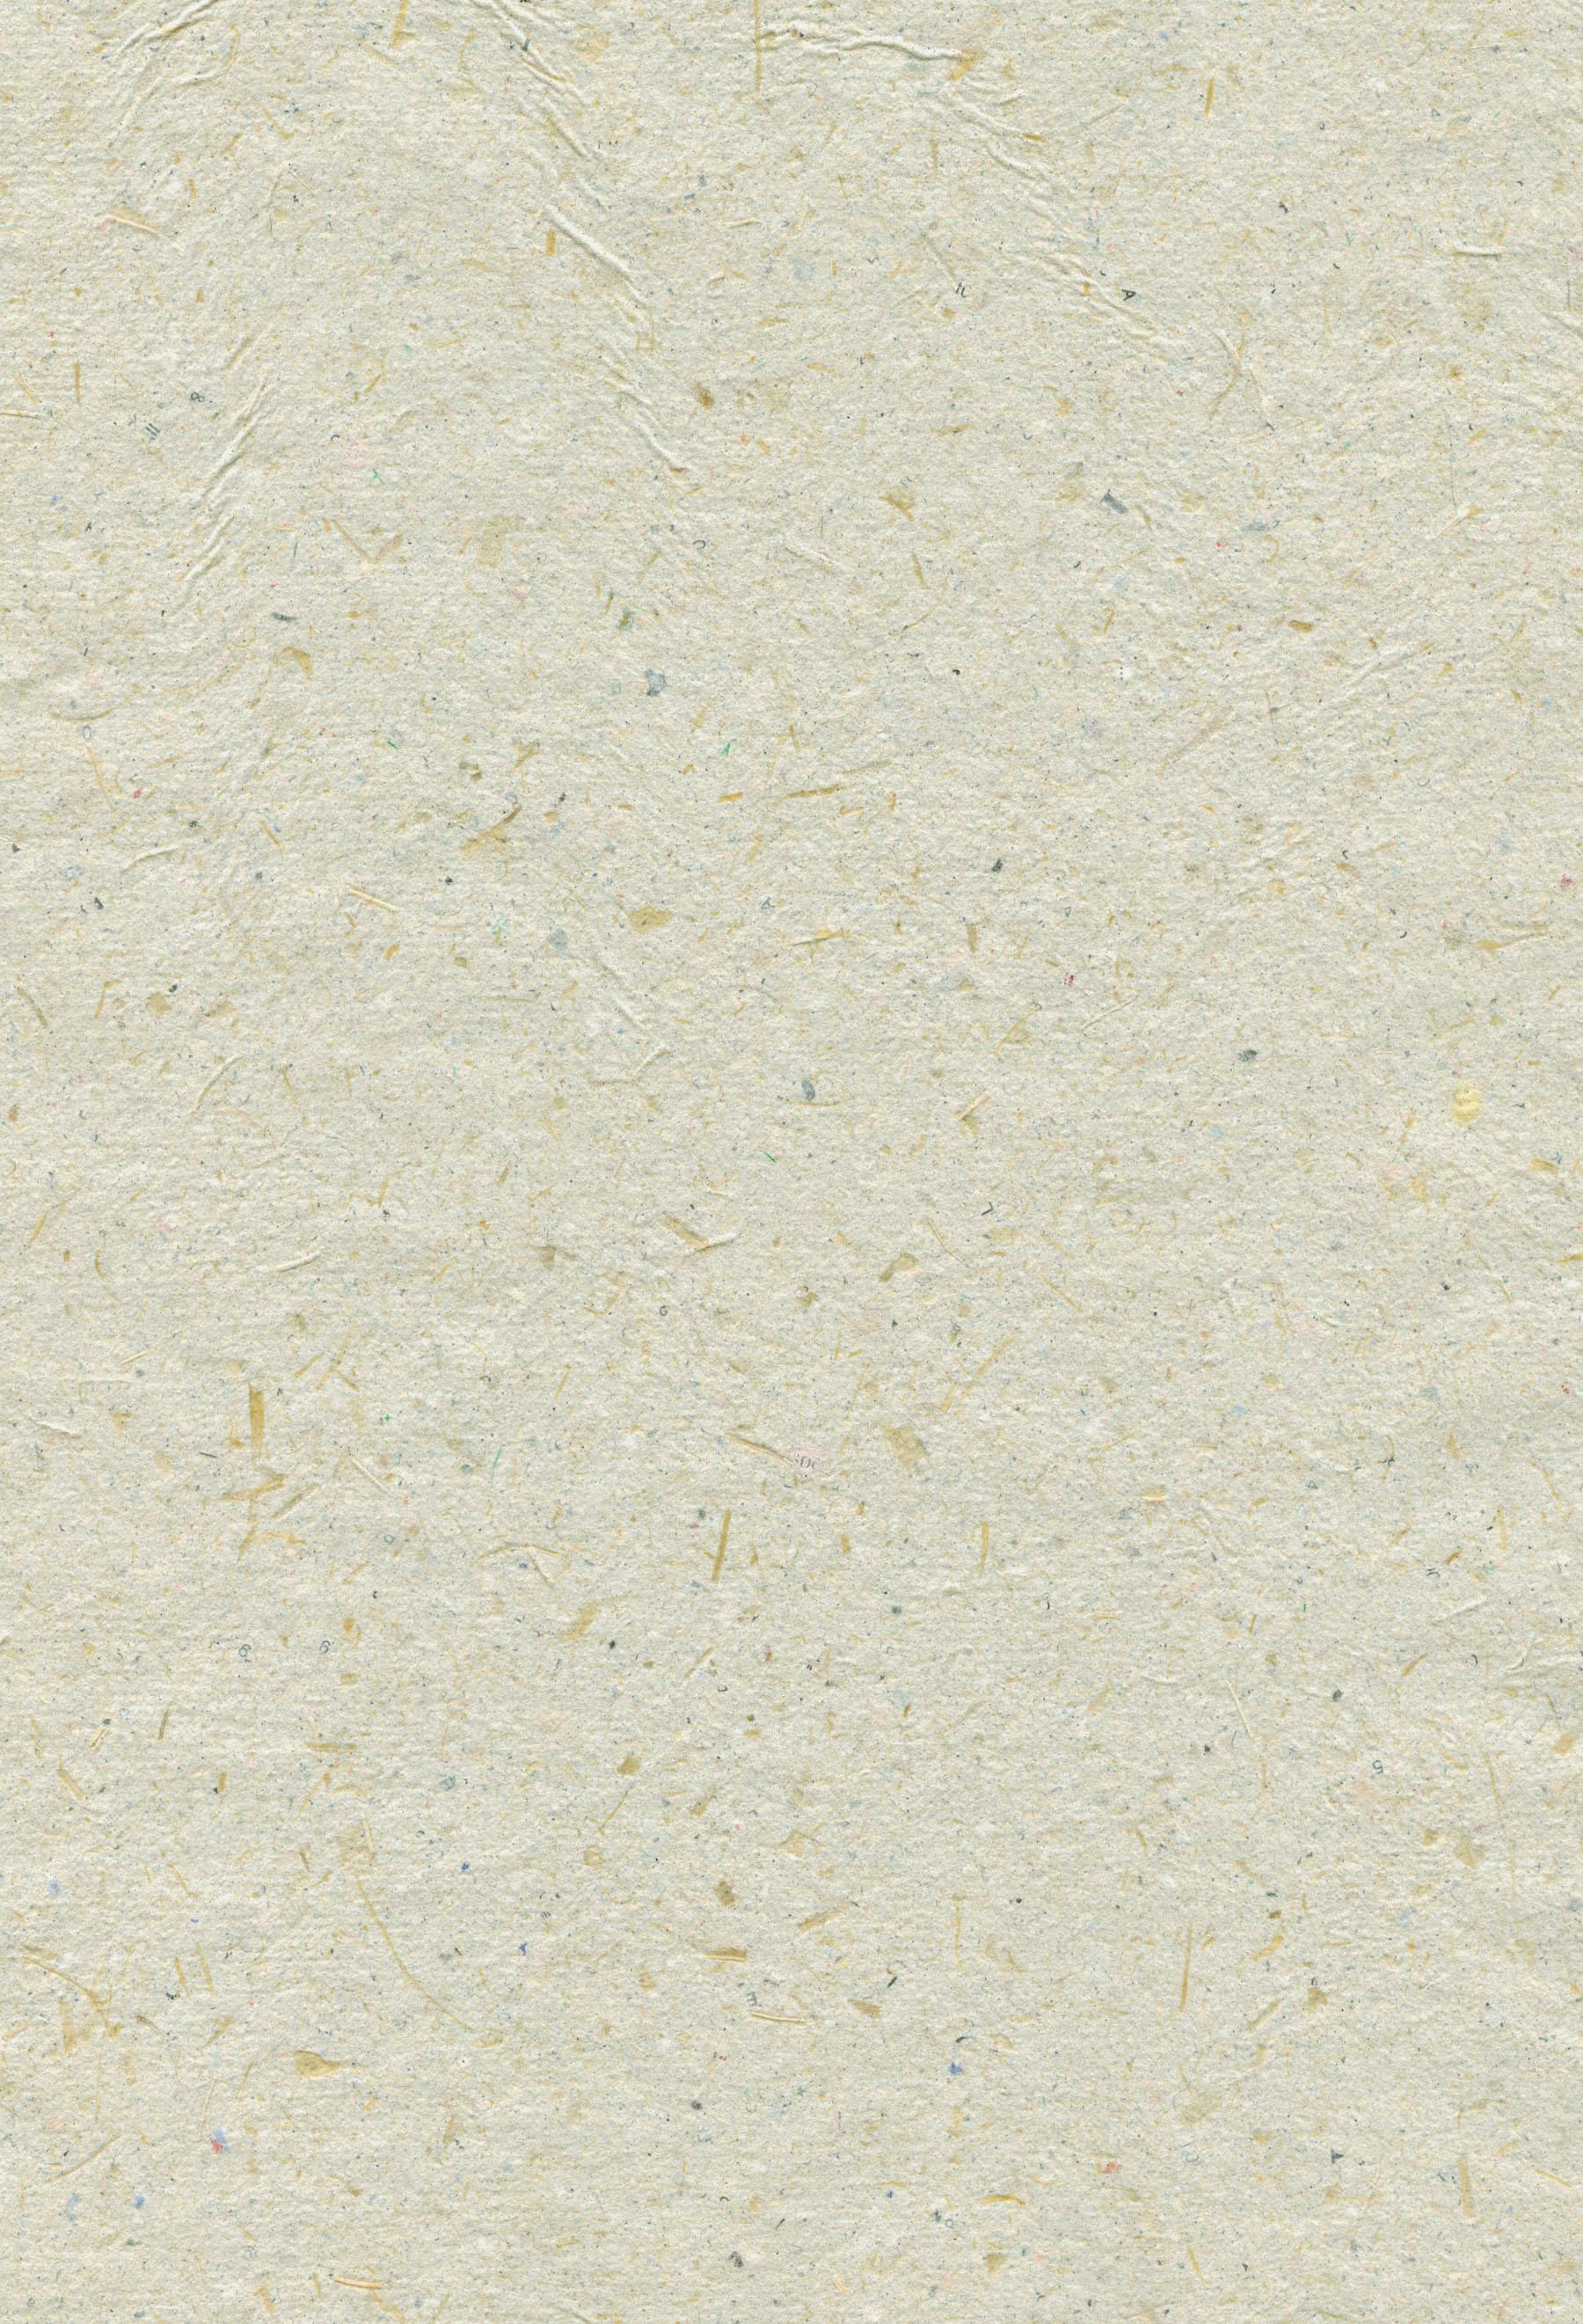 Natural Paper Texture | www.pixshark.com - Images ...